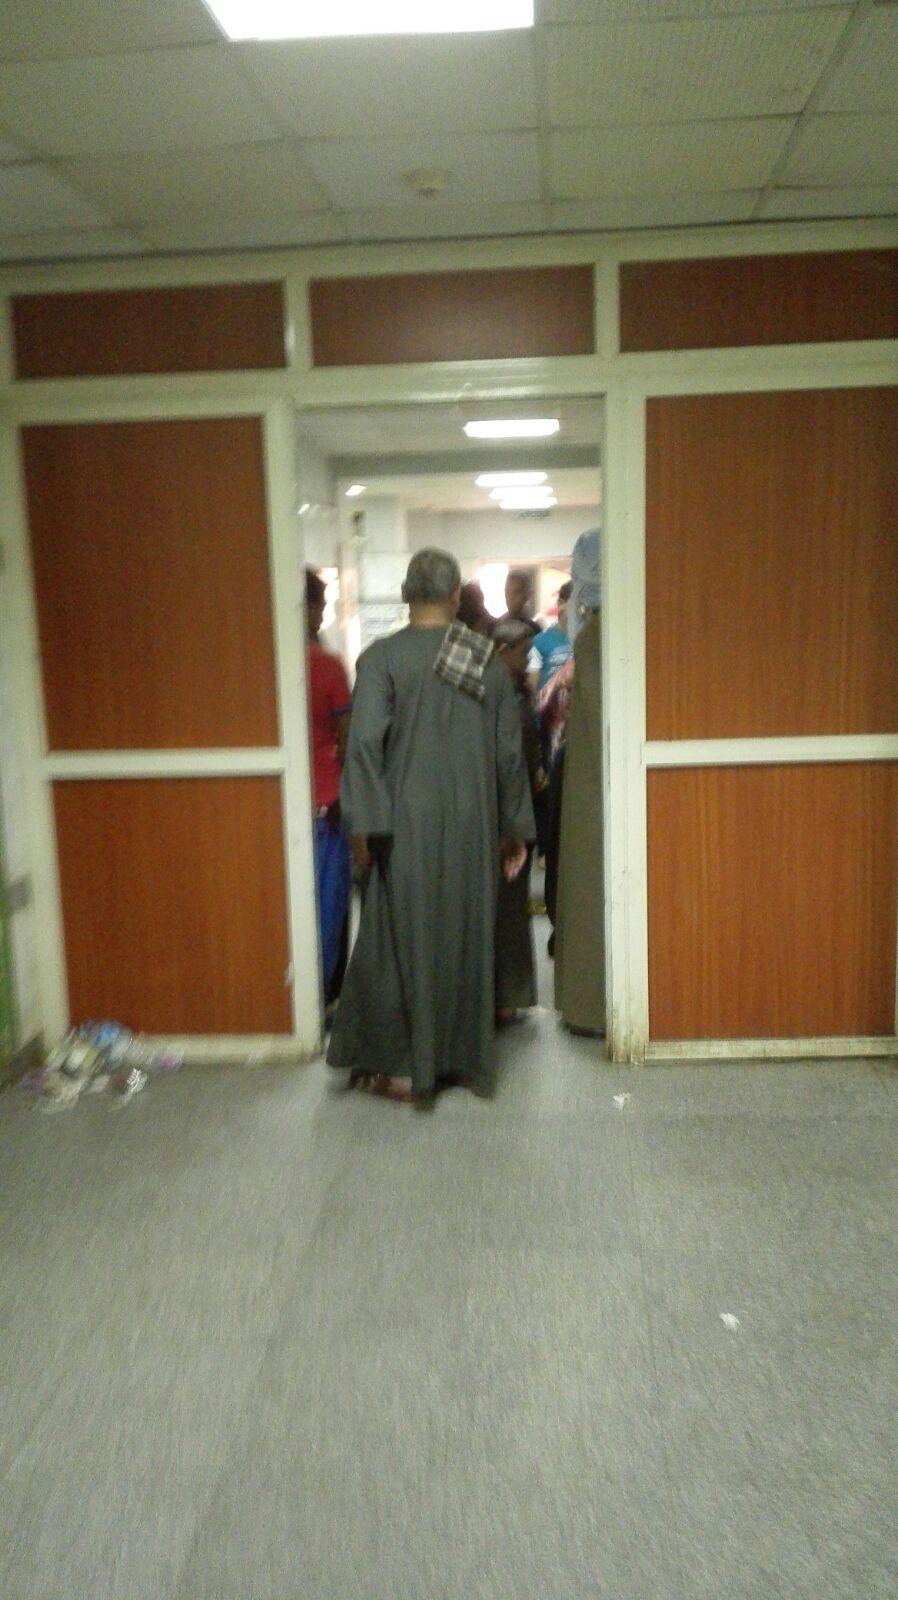 بالصور.. مواطن يرصد إهمال طوارىء «سوهاج الجامعي»: لا أطباء والمرضى «ع الأرض»